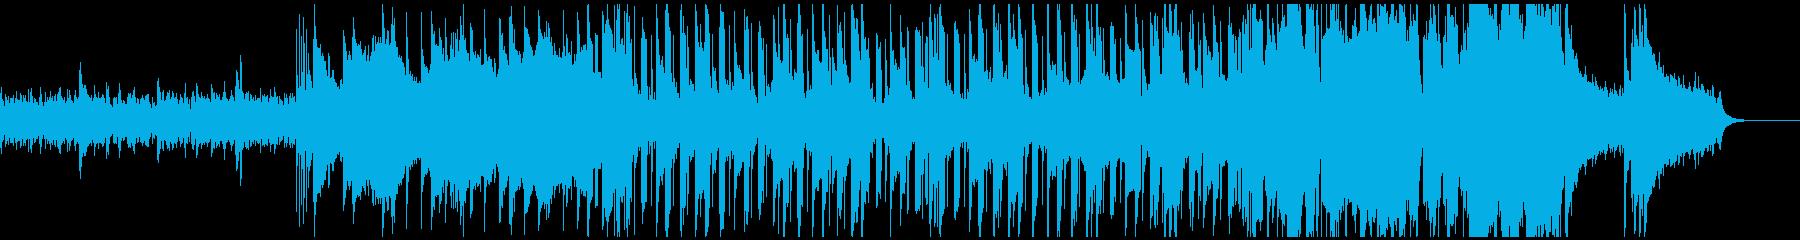 ピアノと木管が主体のポップスの再生済みの波形